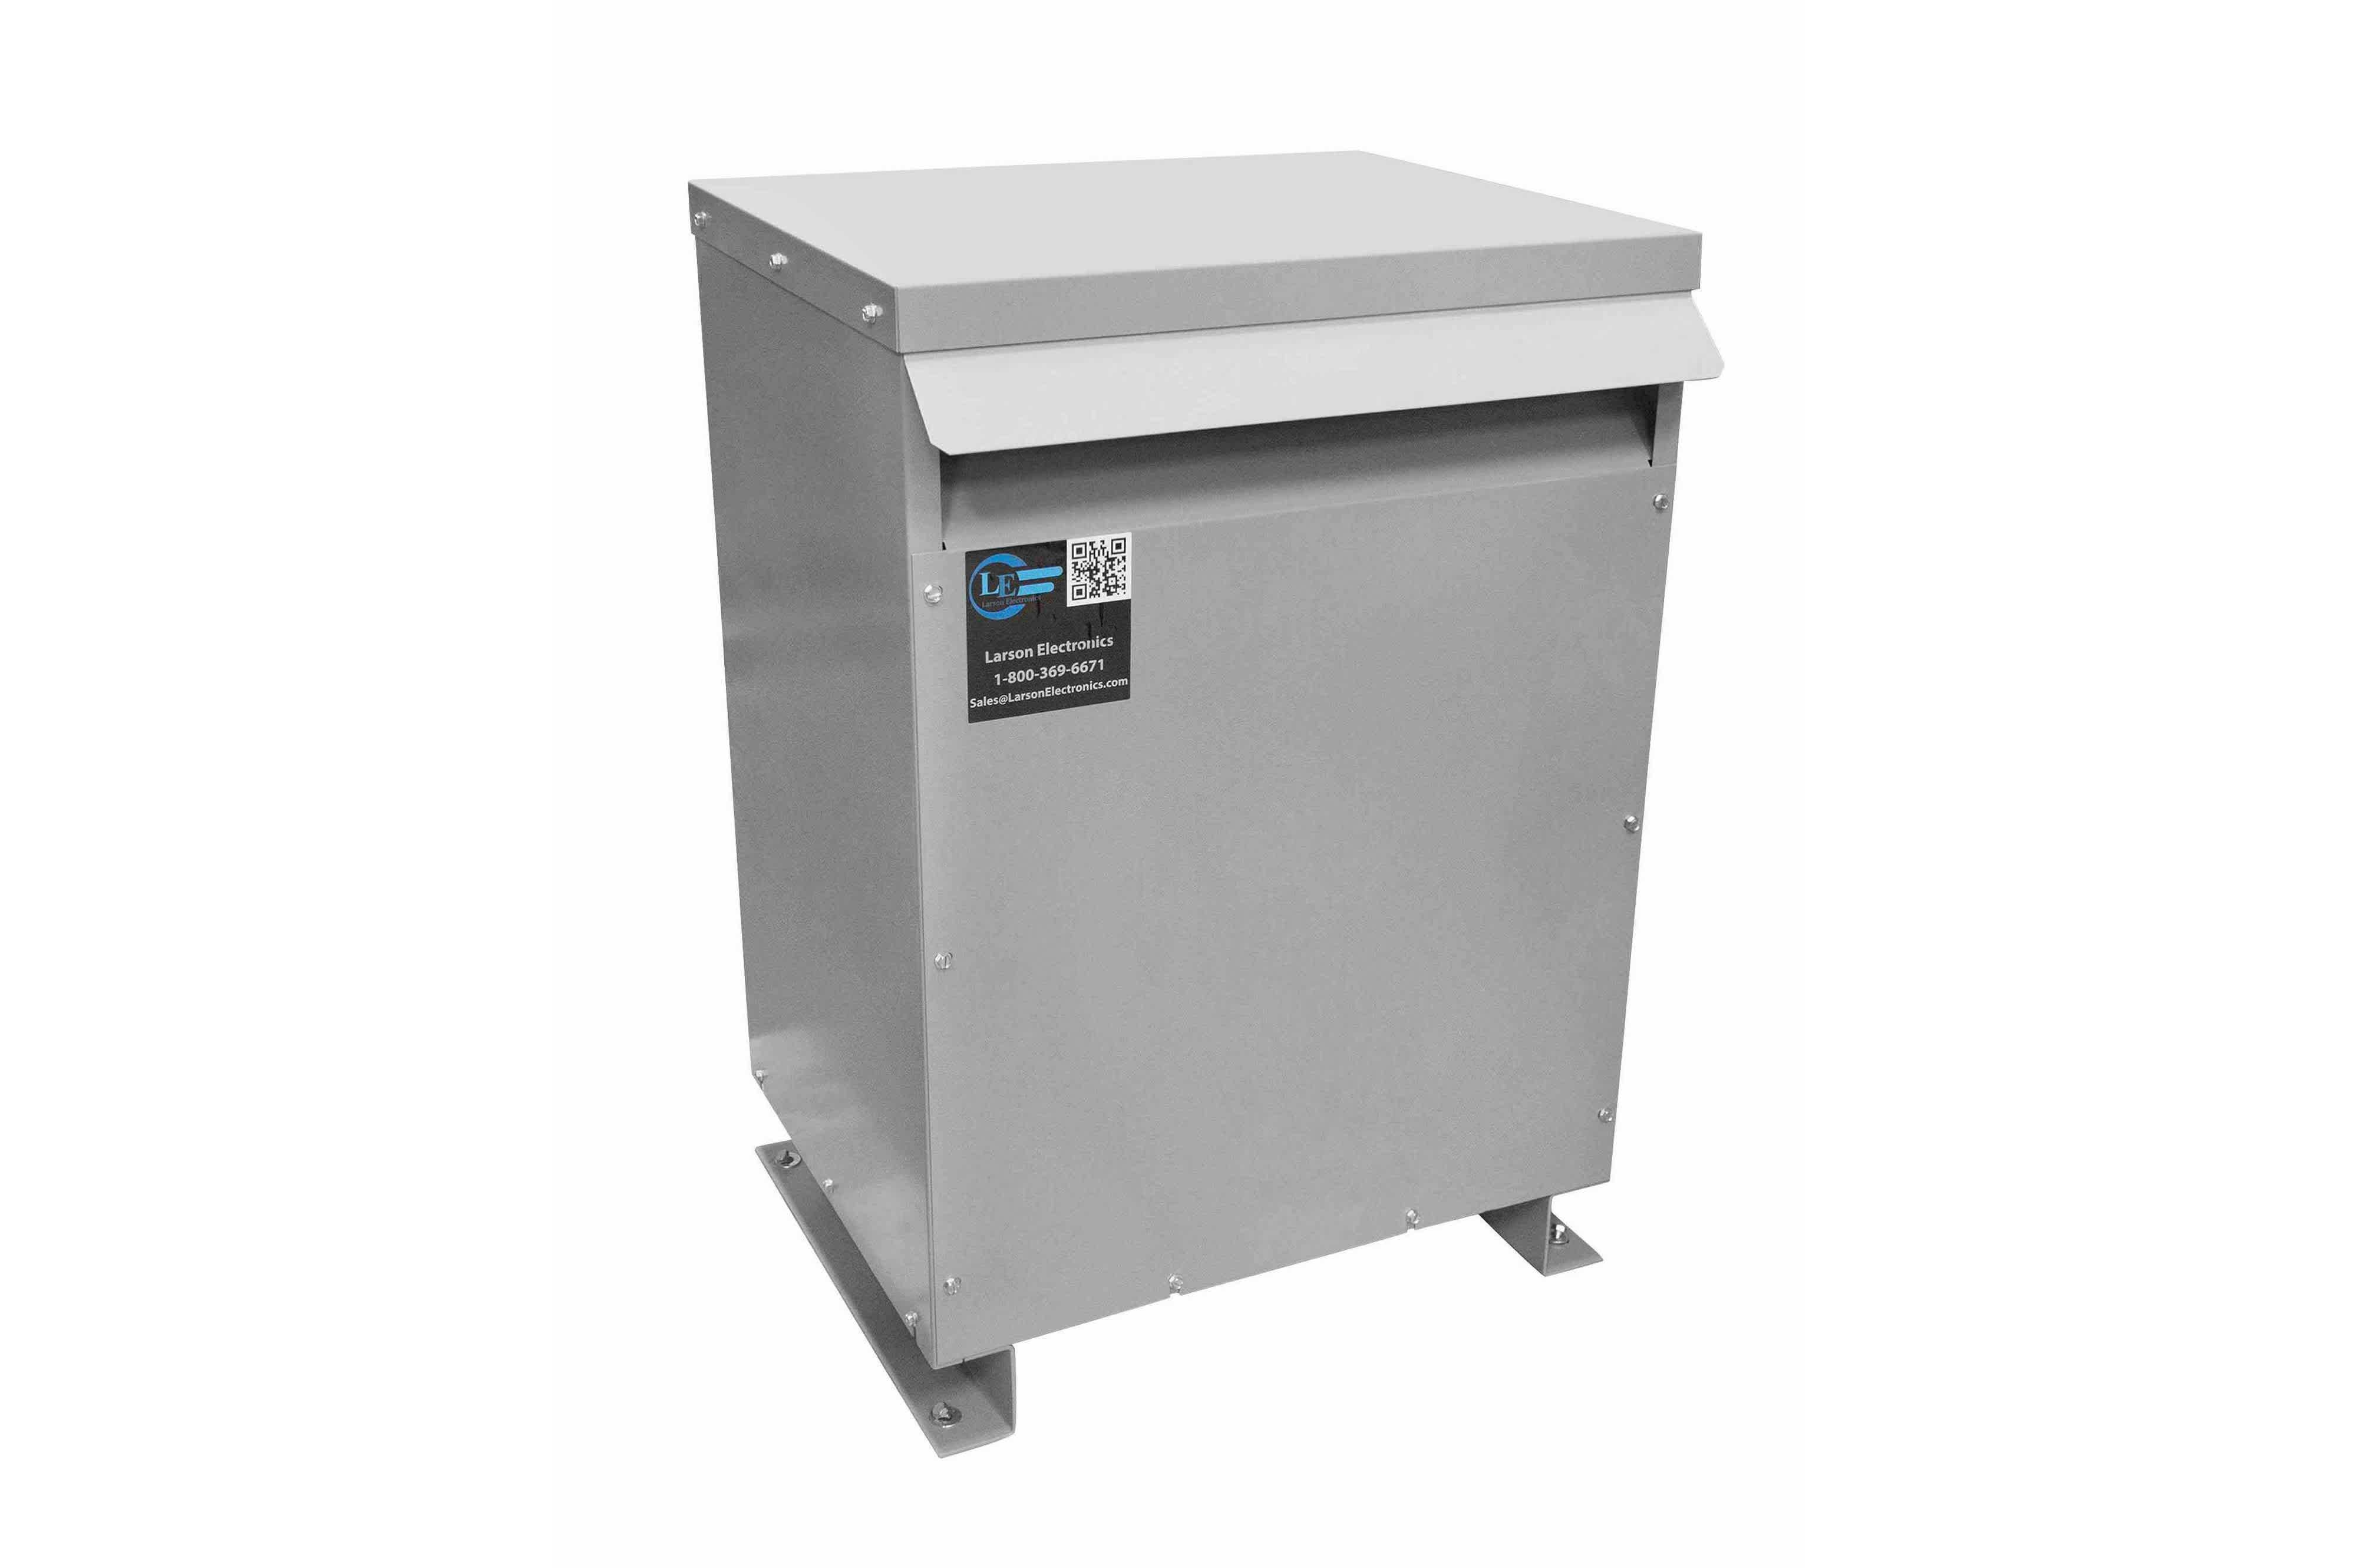 167 kVA 3PH Isolation Transformer, 600V Delta Primary, 400V Delta Secondary, N3R, Ventilated, 60 Hz